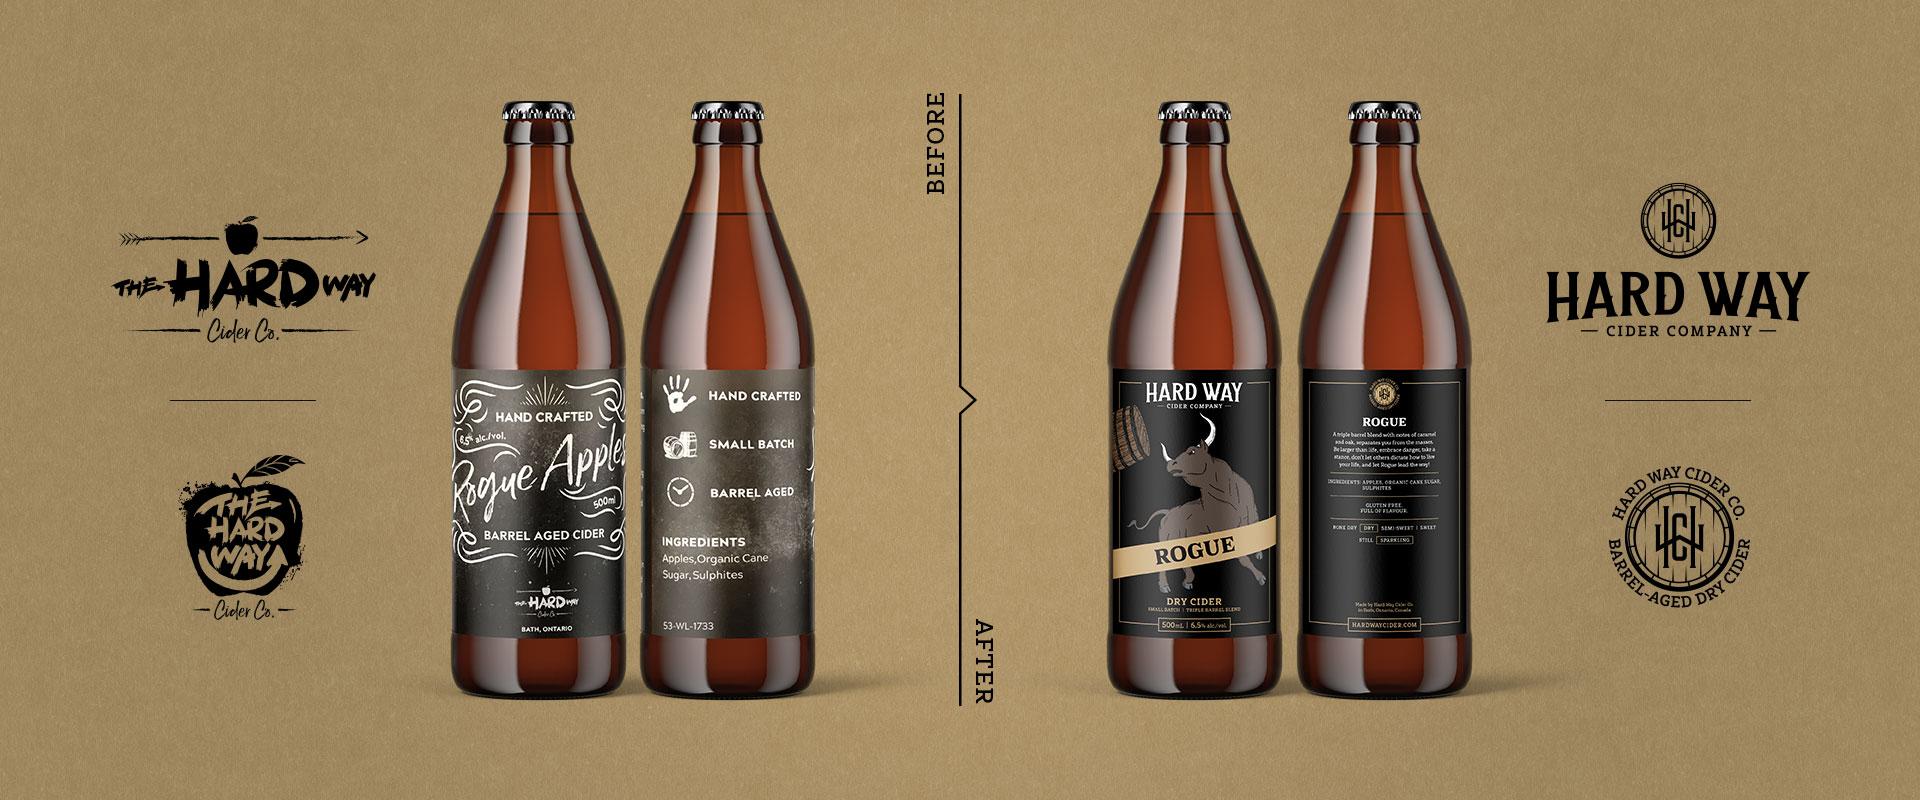 hwc-bottle-before-after